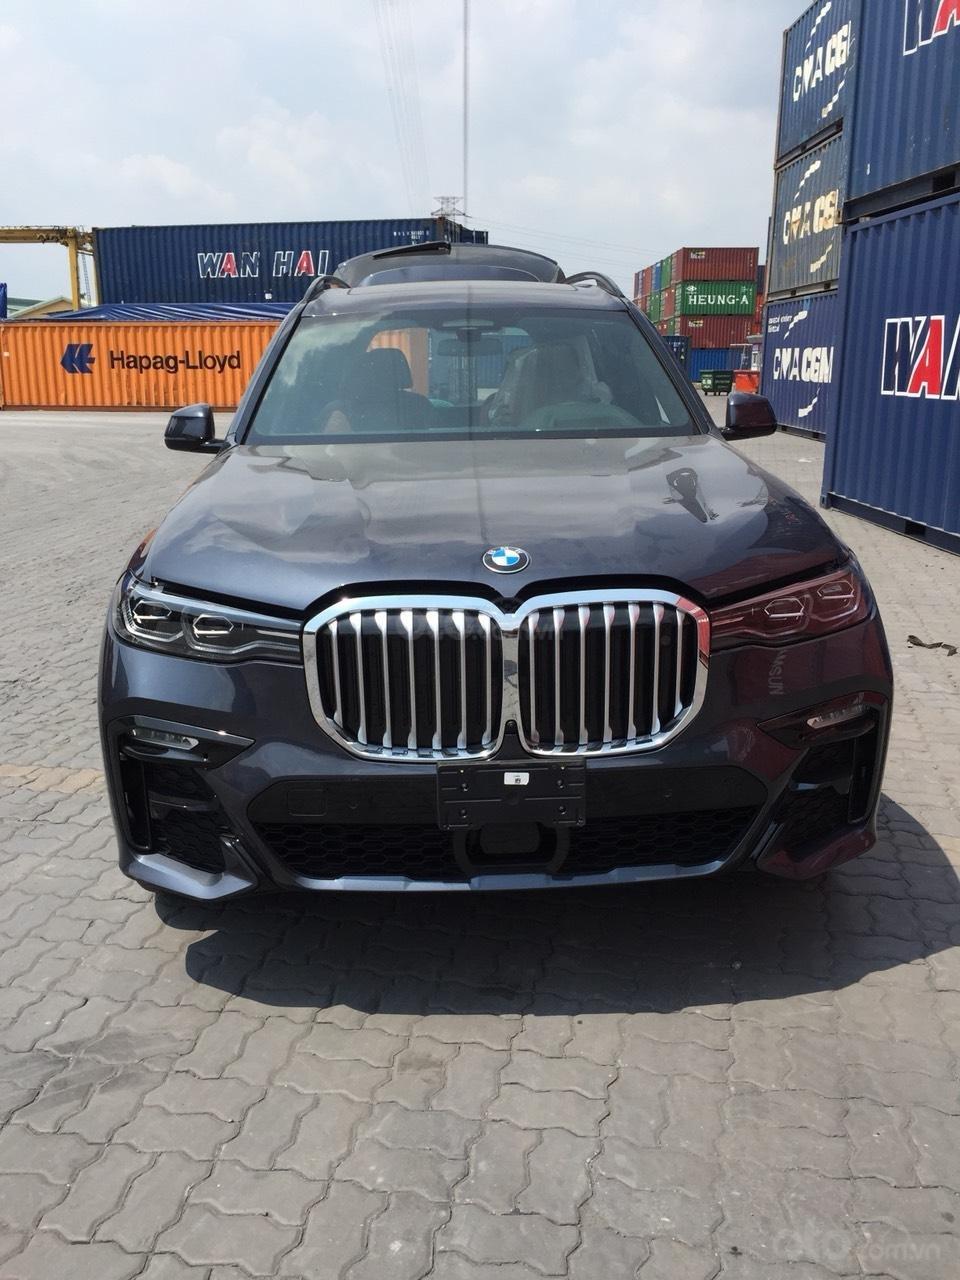 Bán BMW X7 M-sport xdrive 40i, đủ màu giao ngay, xe full option, nhận ép biển đẹp (1)